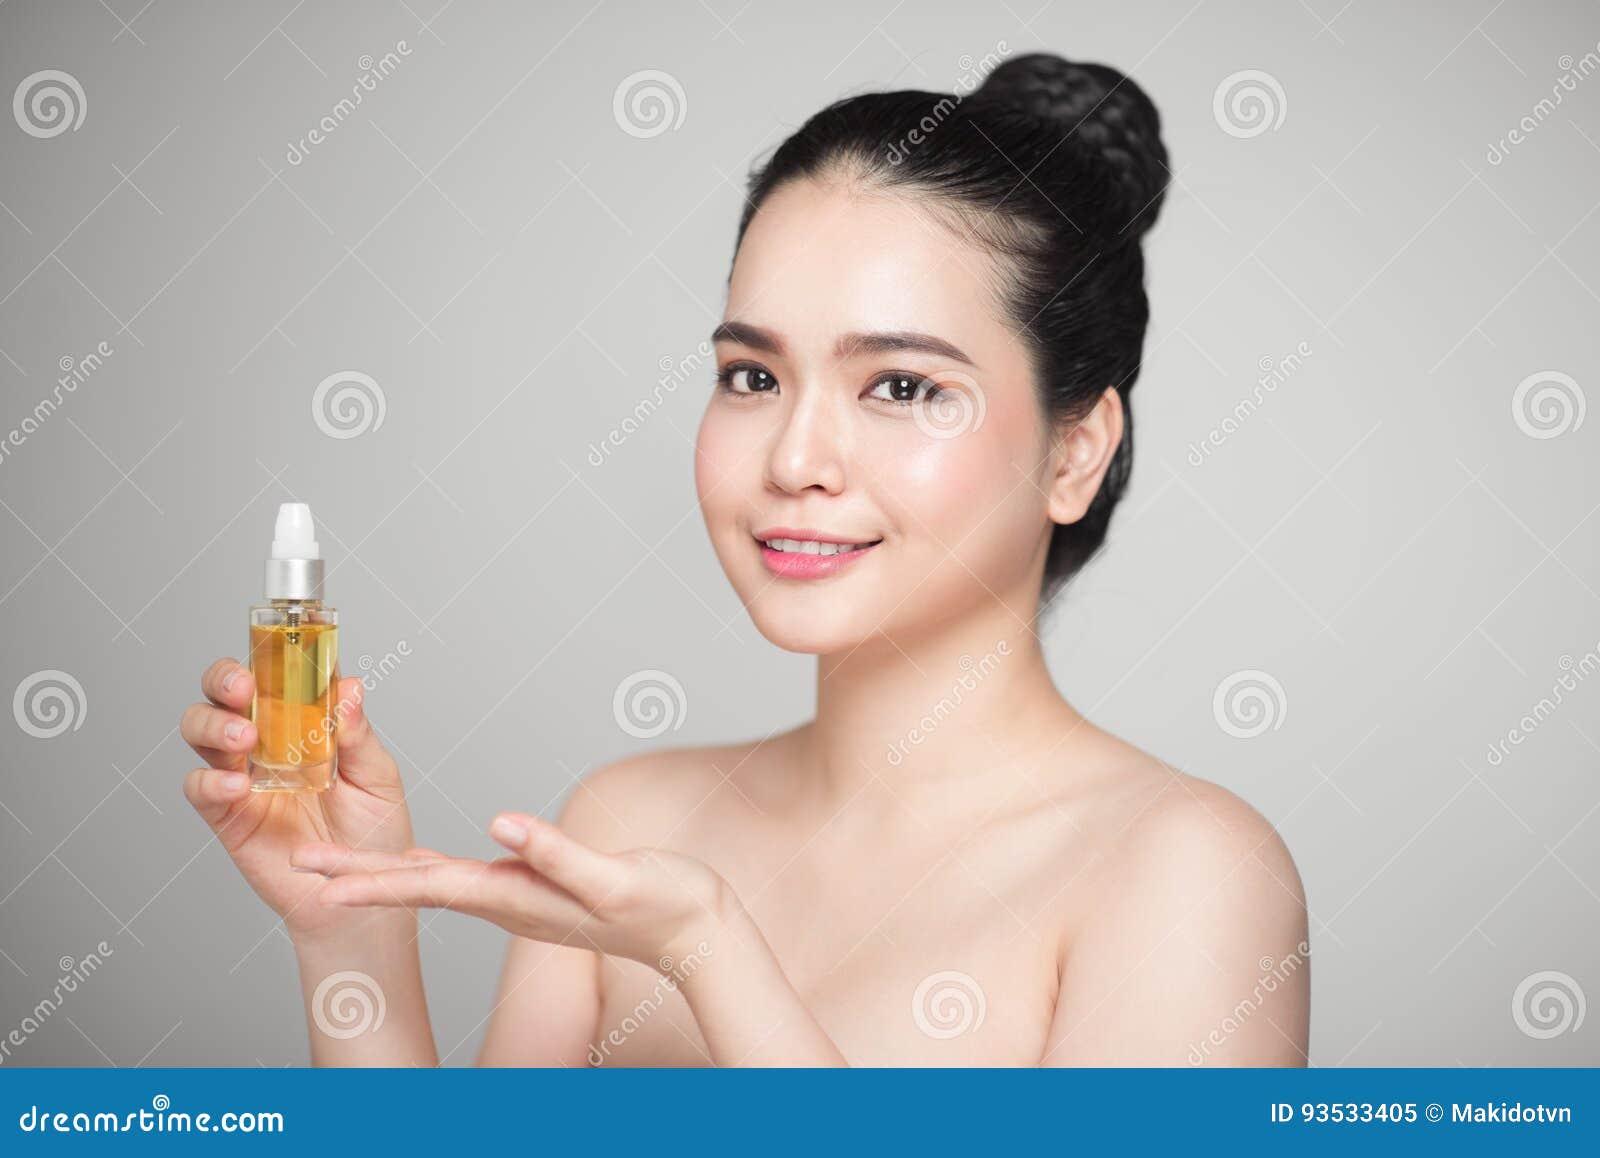 Asian girl nude in oil, blonde dildo squirt full video